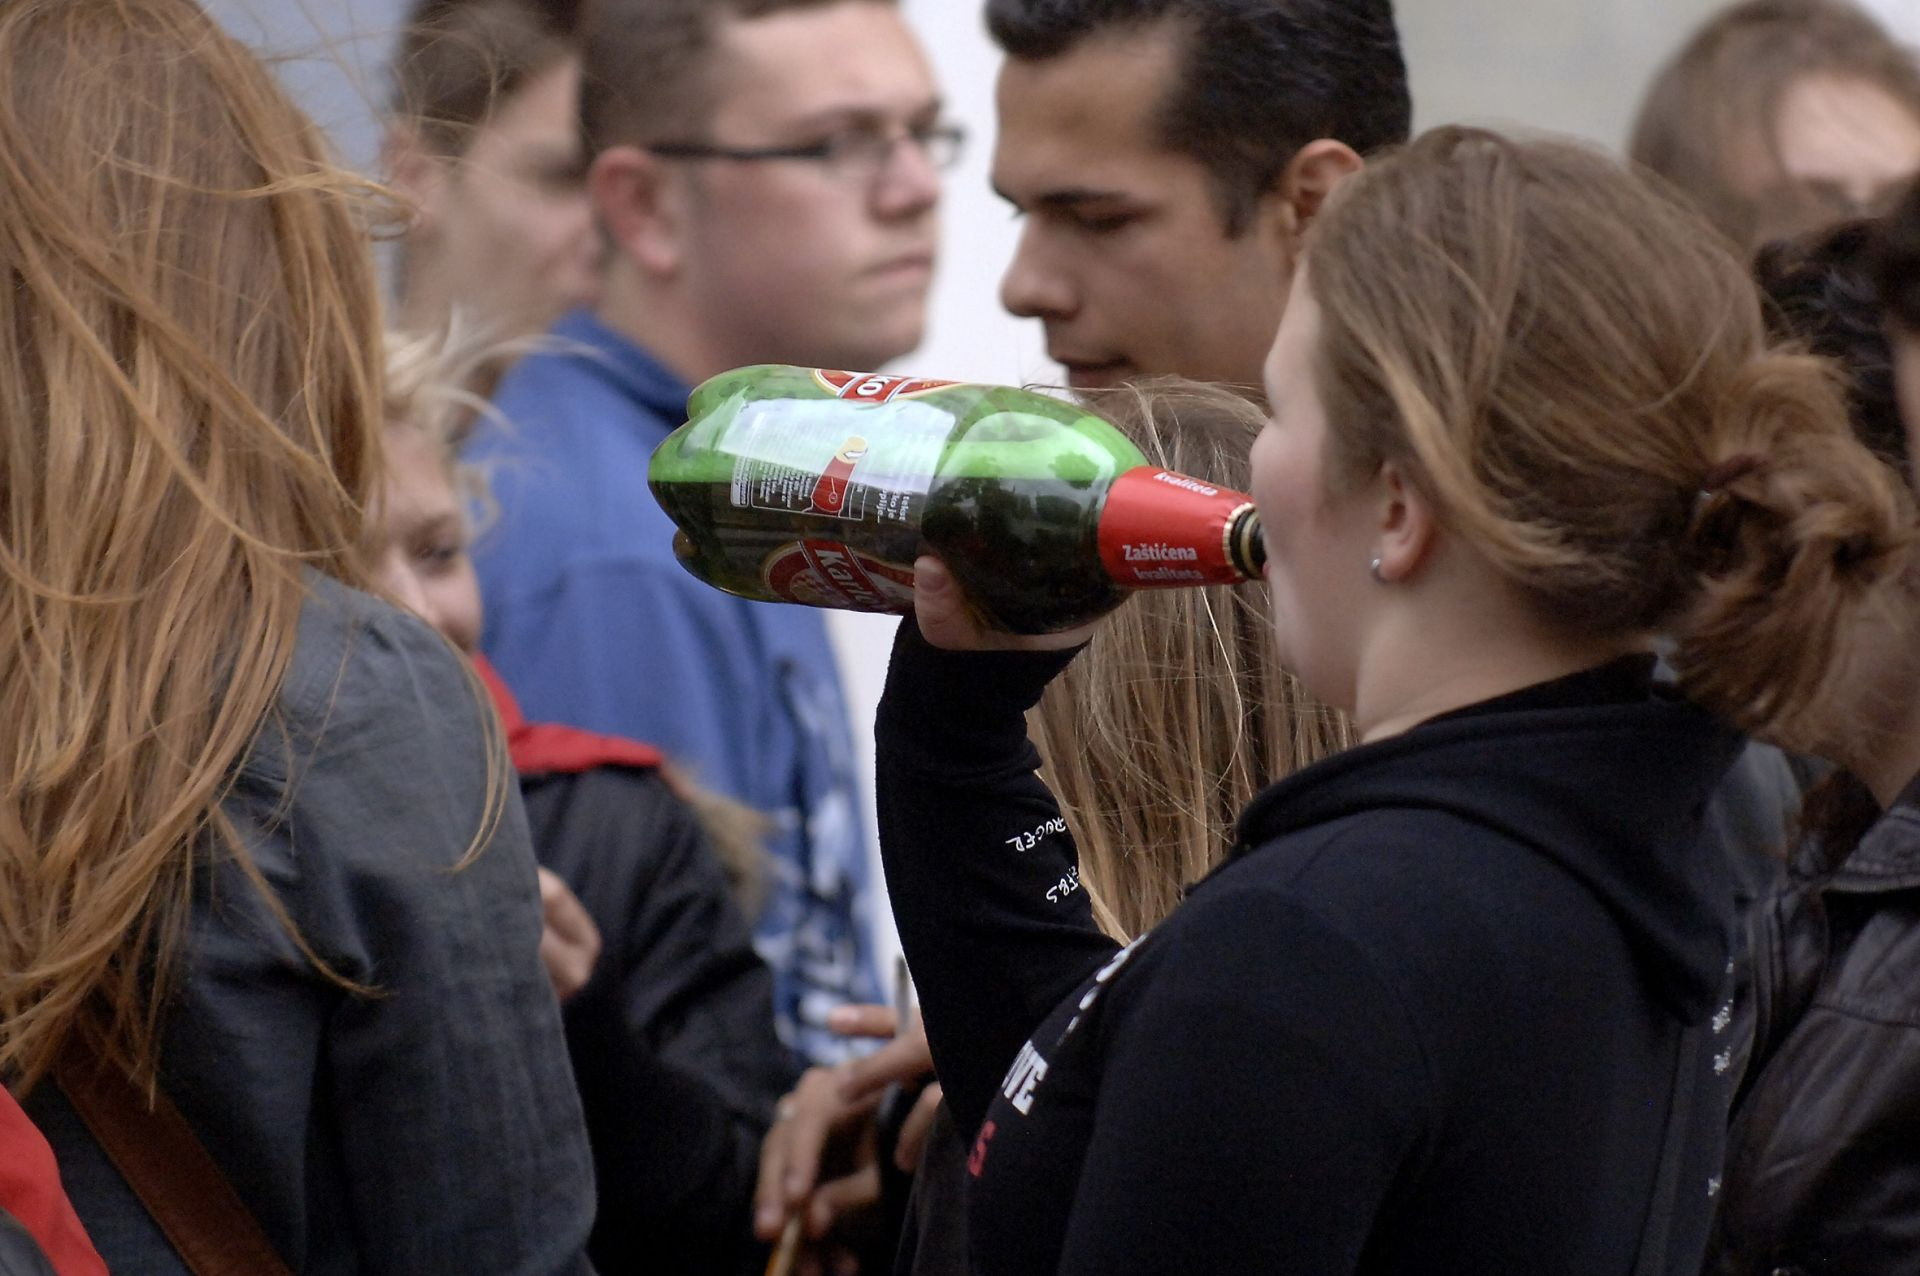 ISTRAŽIVANJE: Učenici u Europi manje piju i puše, no podaci i dalje zabrinjavajući